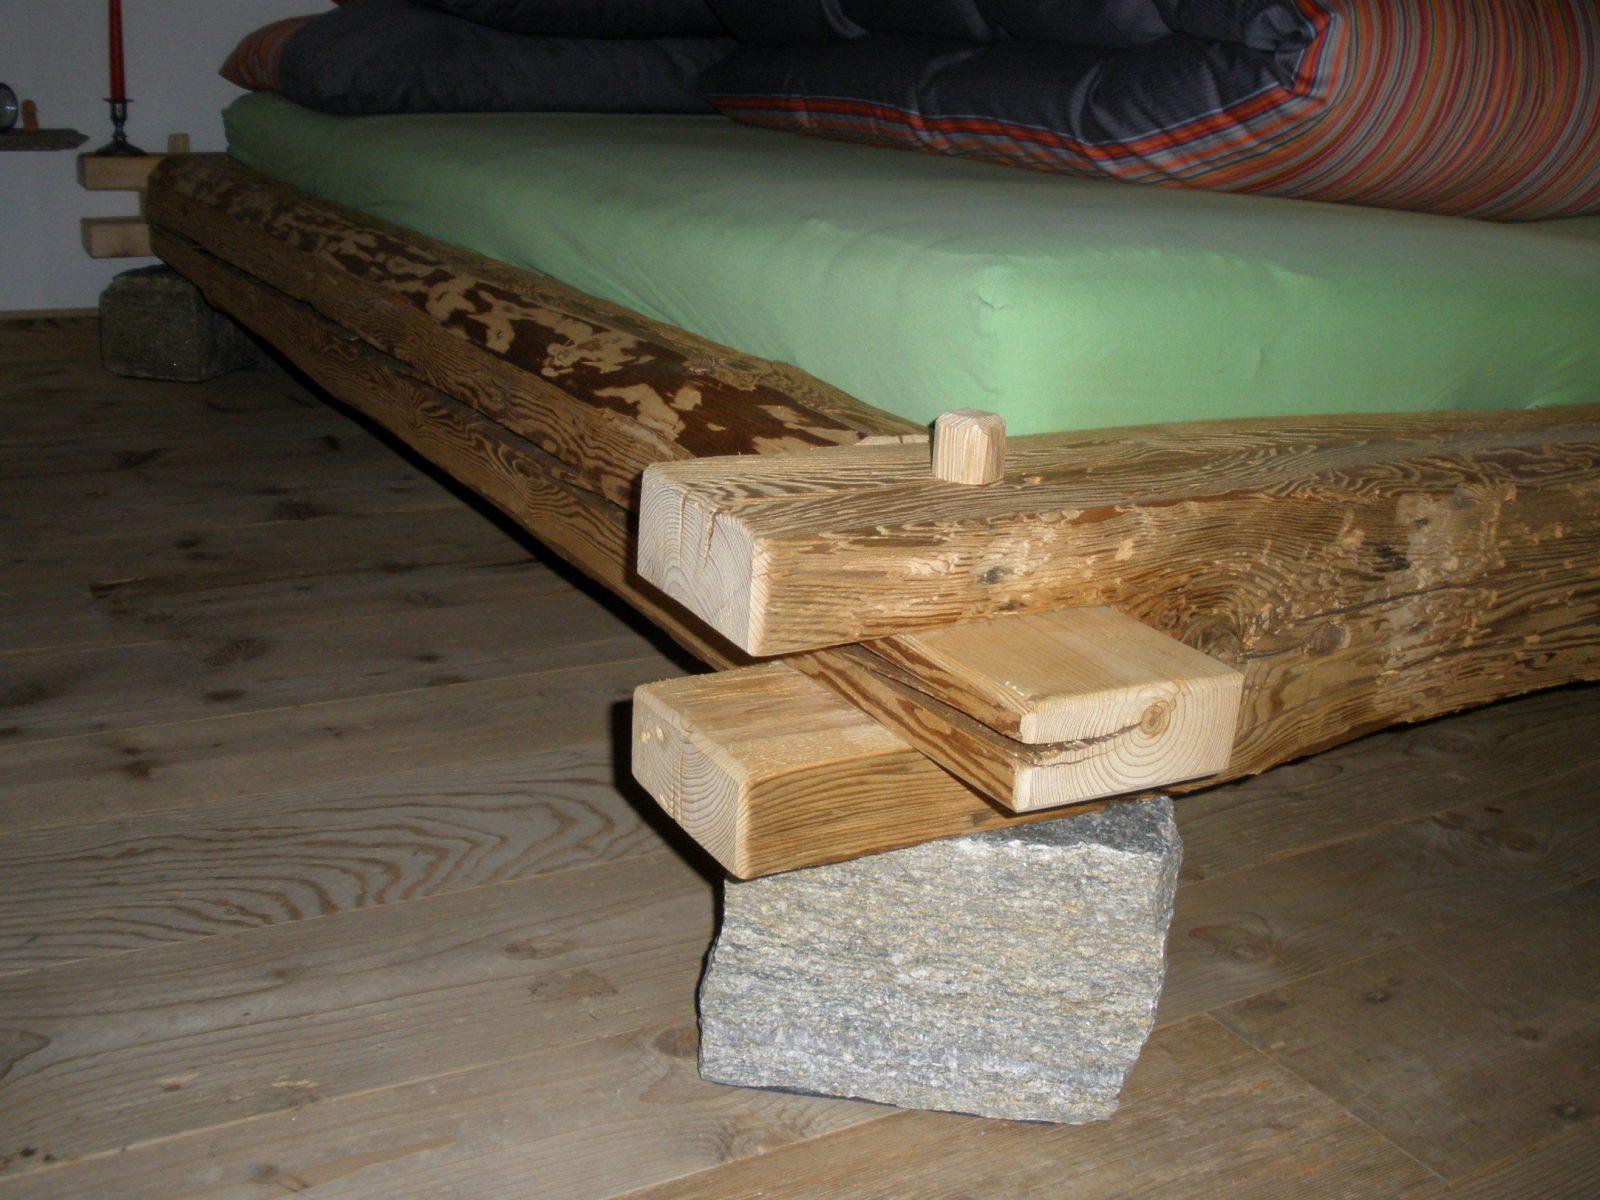 neu bett selber bauen bierkasten bett selber bauen 120x200 bett von bett selber bauen. Black Bedroom Furniture Sets. Home Design Ideas